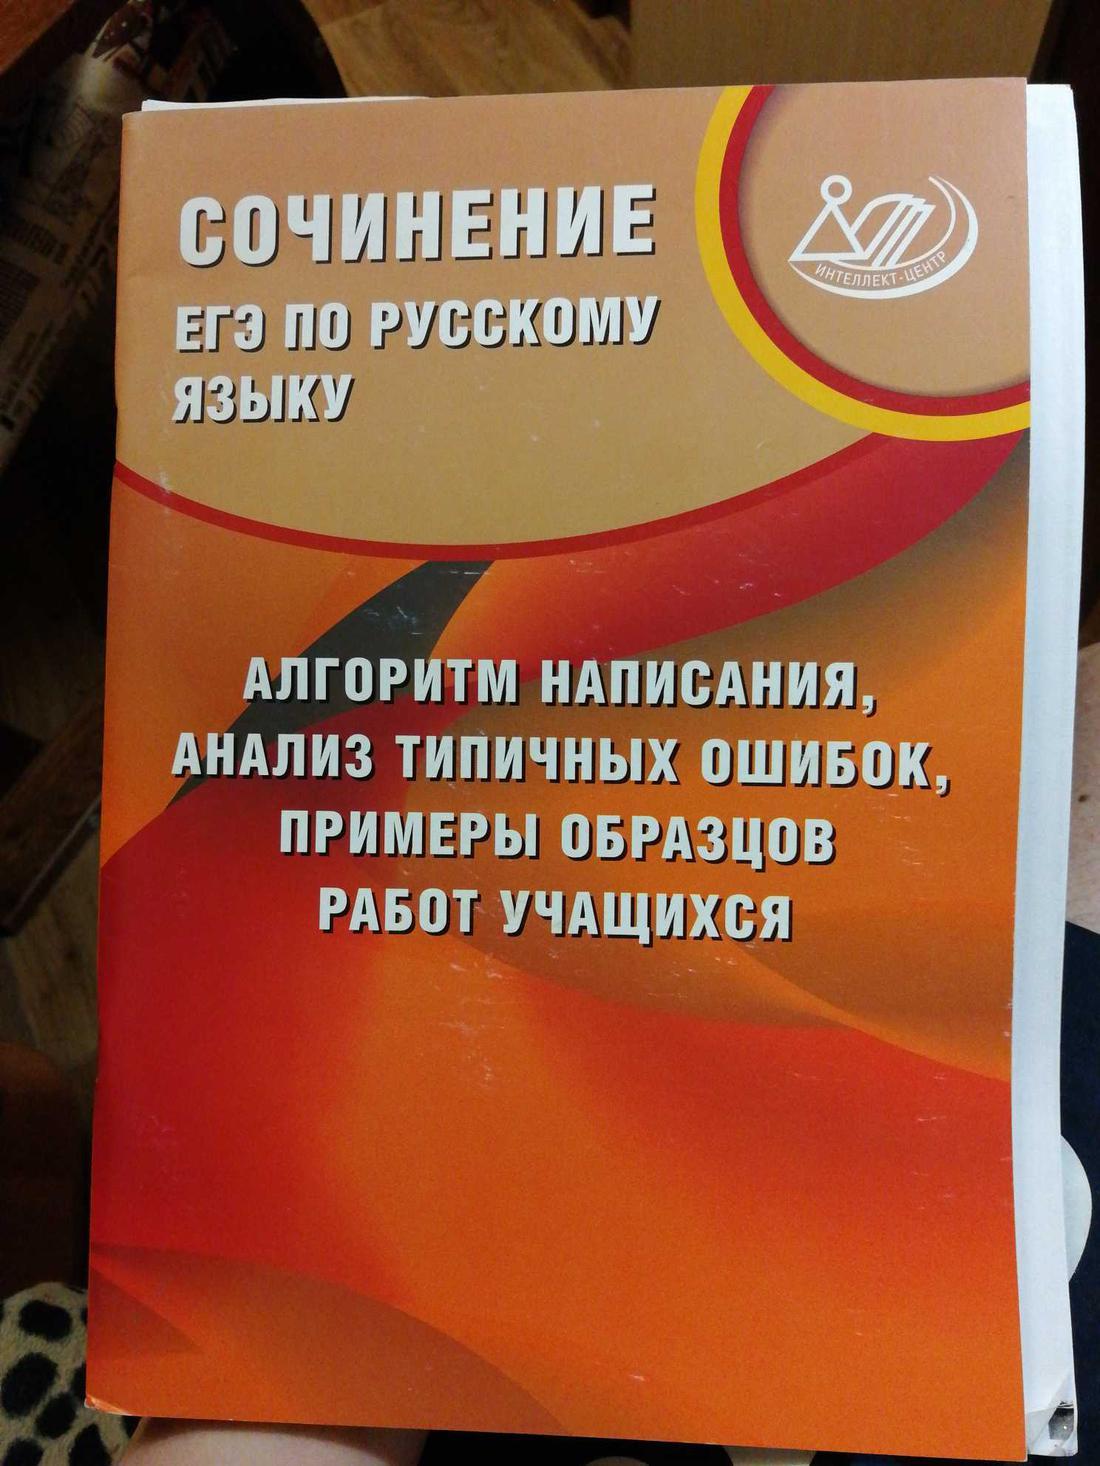 Book: EGE po russkomu yazyku. Sochinenie: algoritm napisaniya, analiz tipichnyh oshibok, primery obraztsov rabot (ISBN: 5000262379)